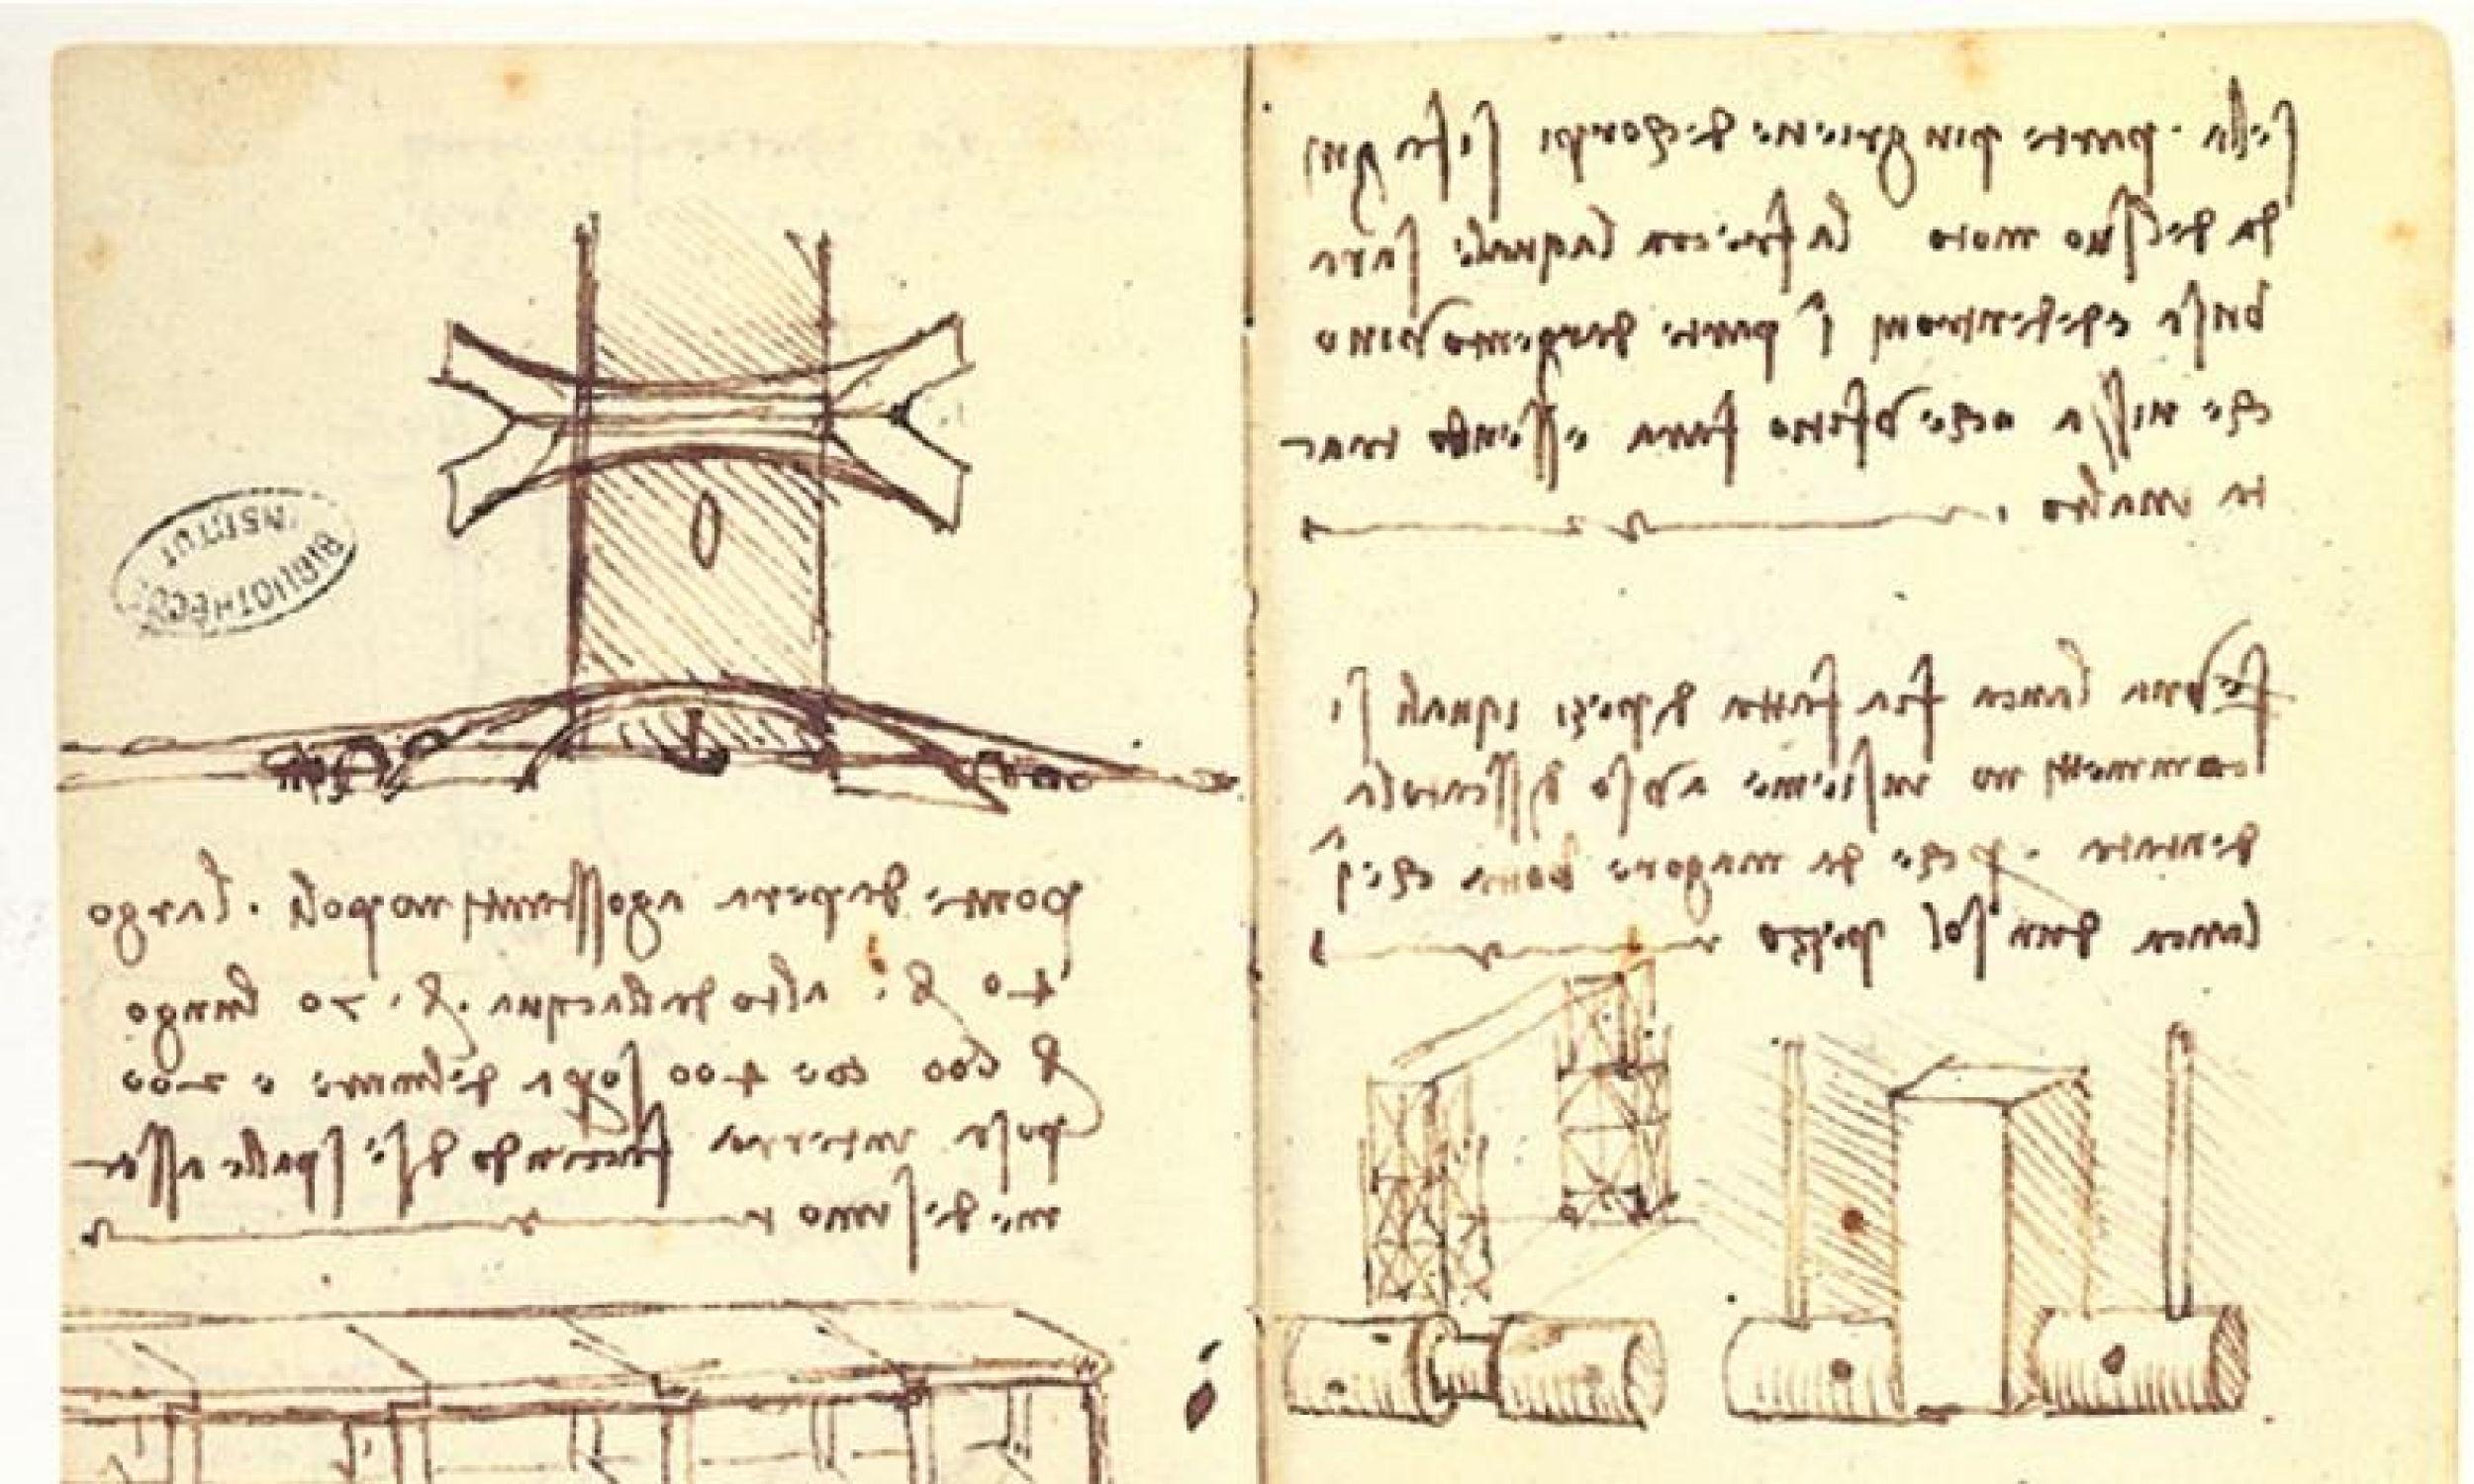 Szkic mostu w Konstantynopolu przygotowany przez Leonarda da Vinci w 1502 r. Fot. Wikimedia